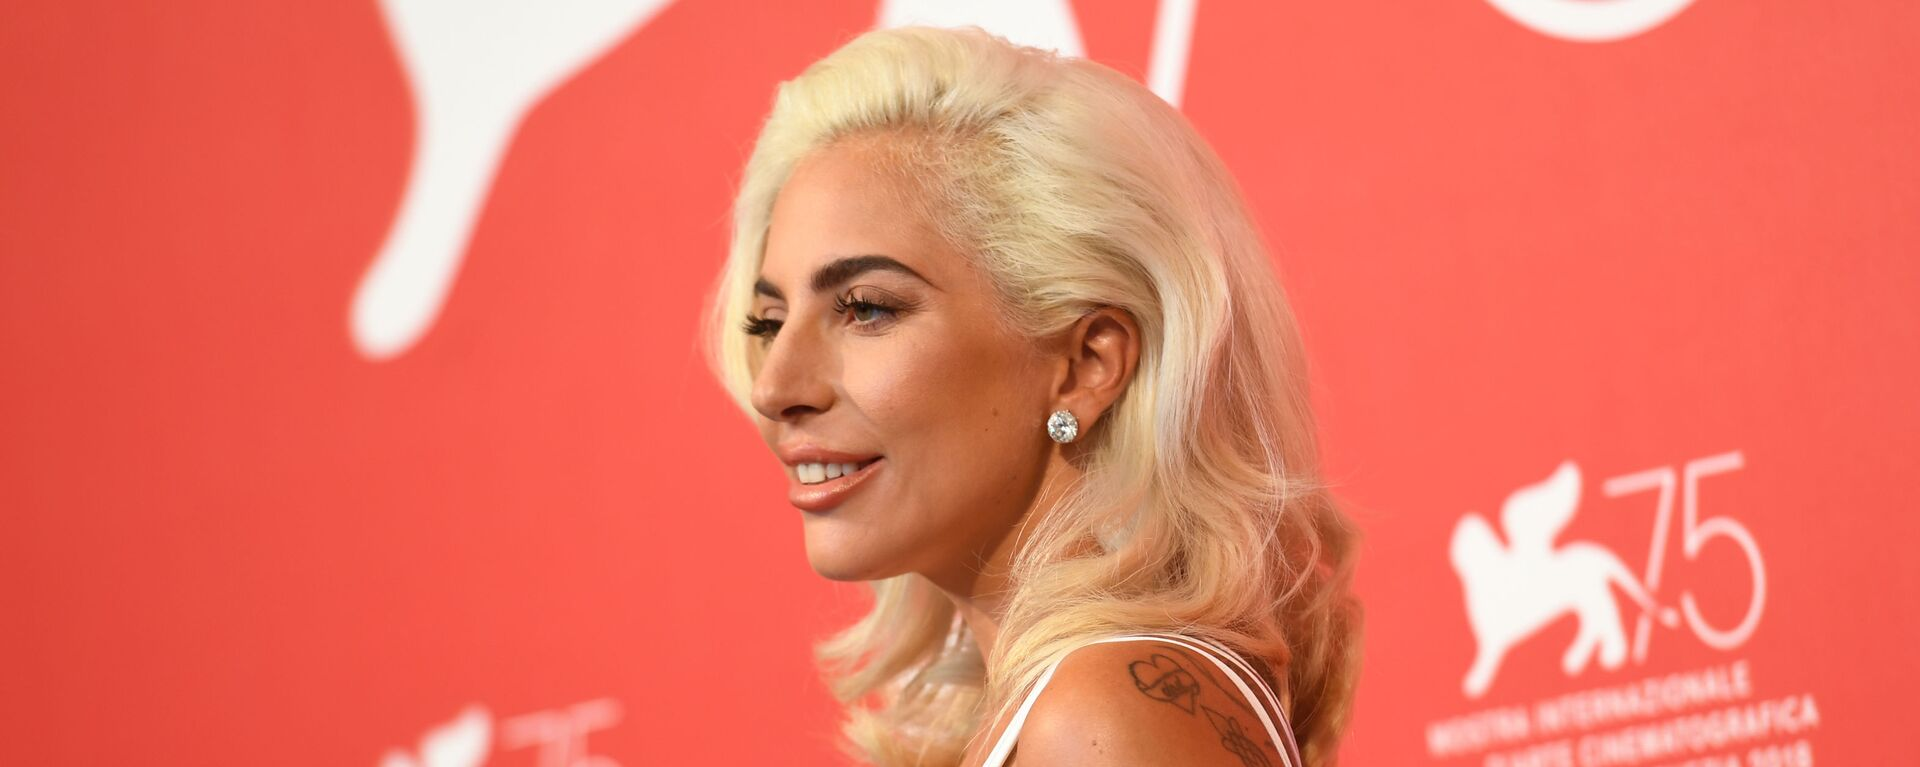 Η Lady Gaga. - Sputnik Ελλάδα, 1920, 21.05.2021